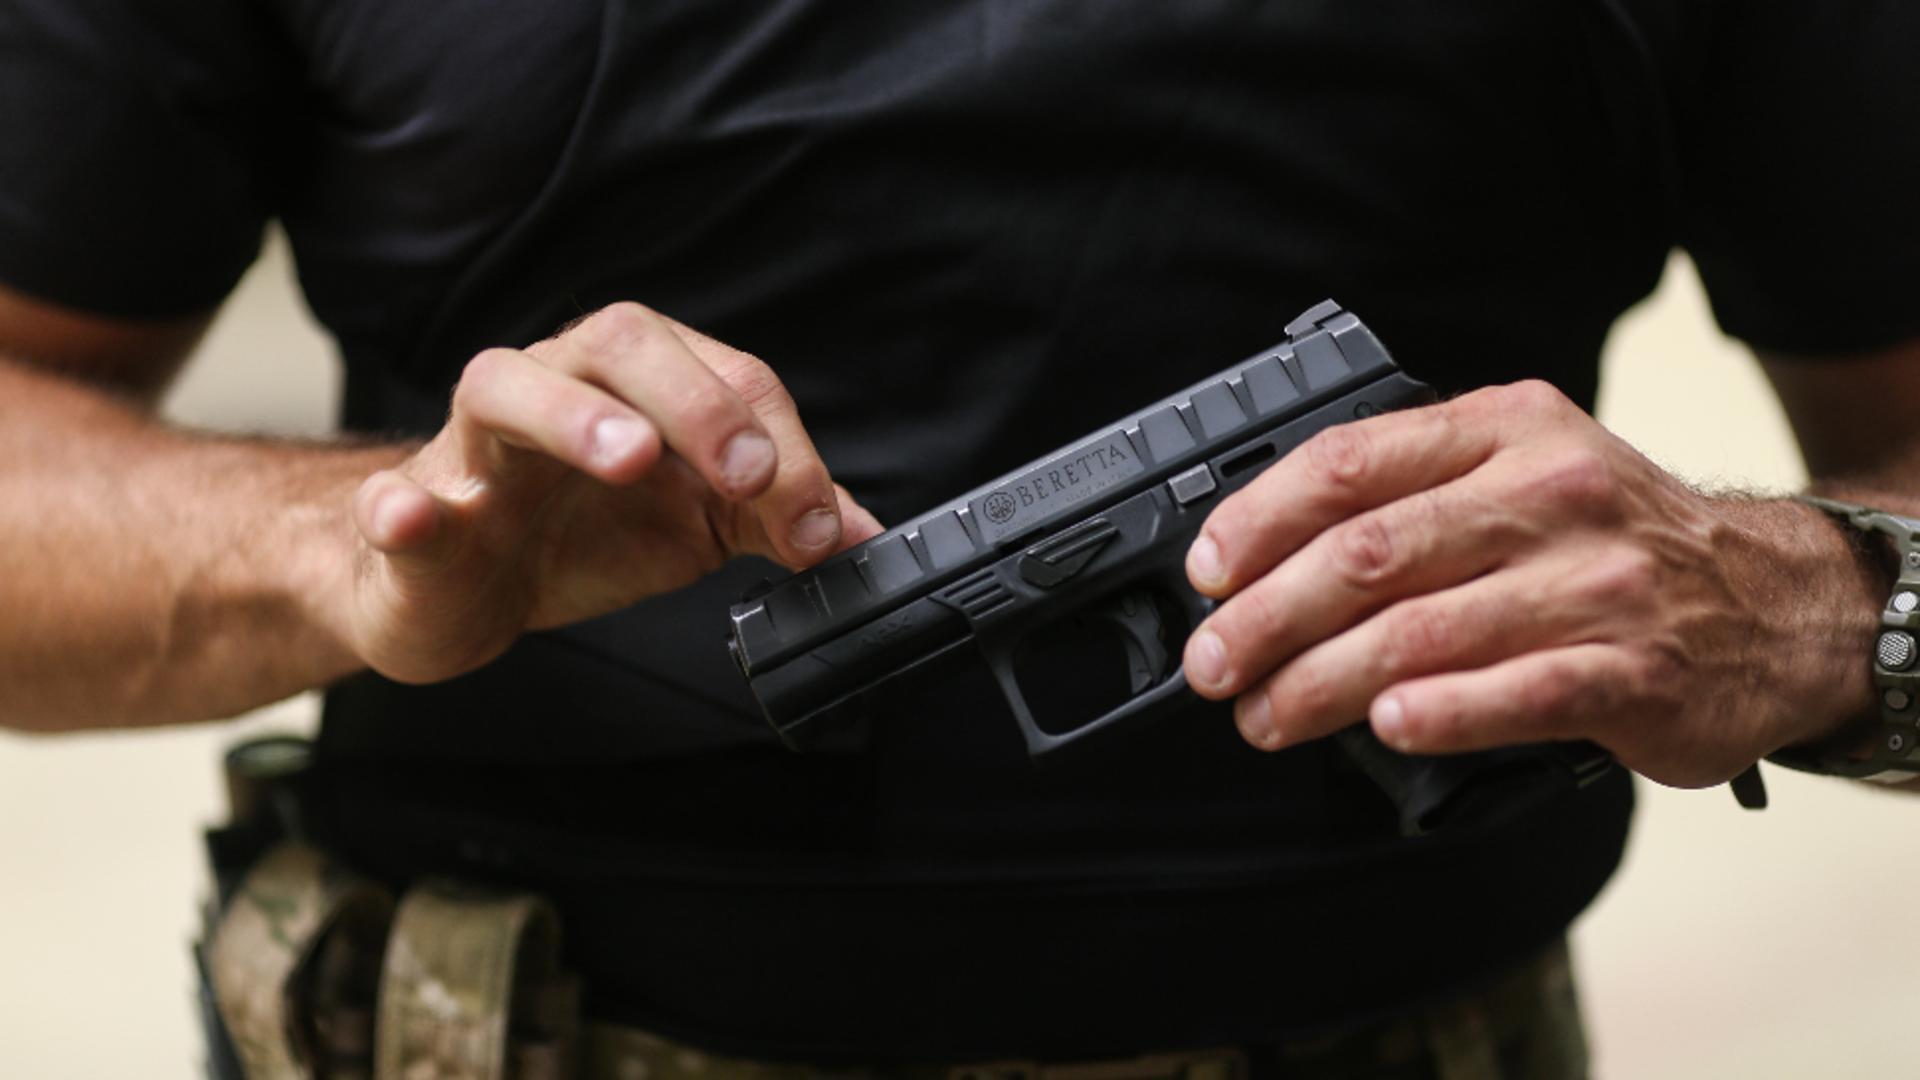 Împușcături într-o parcare din Craiova: o victimă / Foto: Inquam Photos